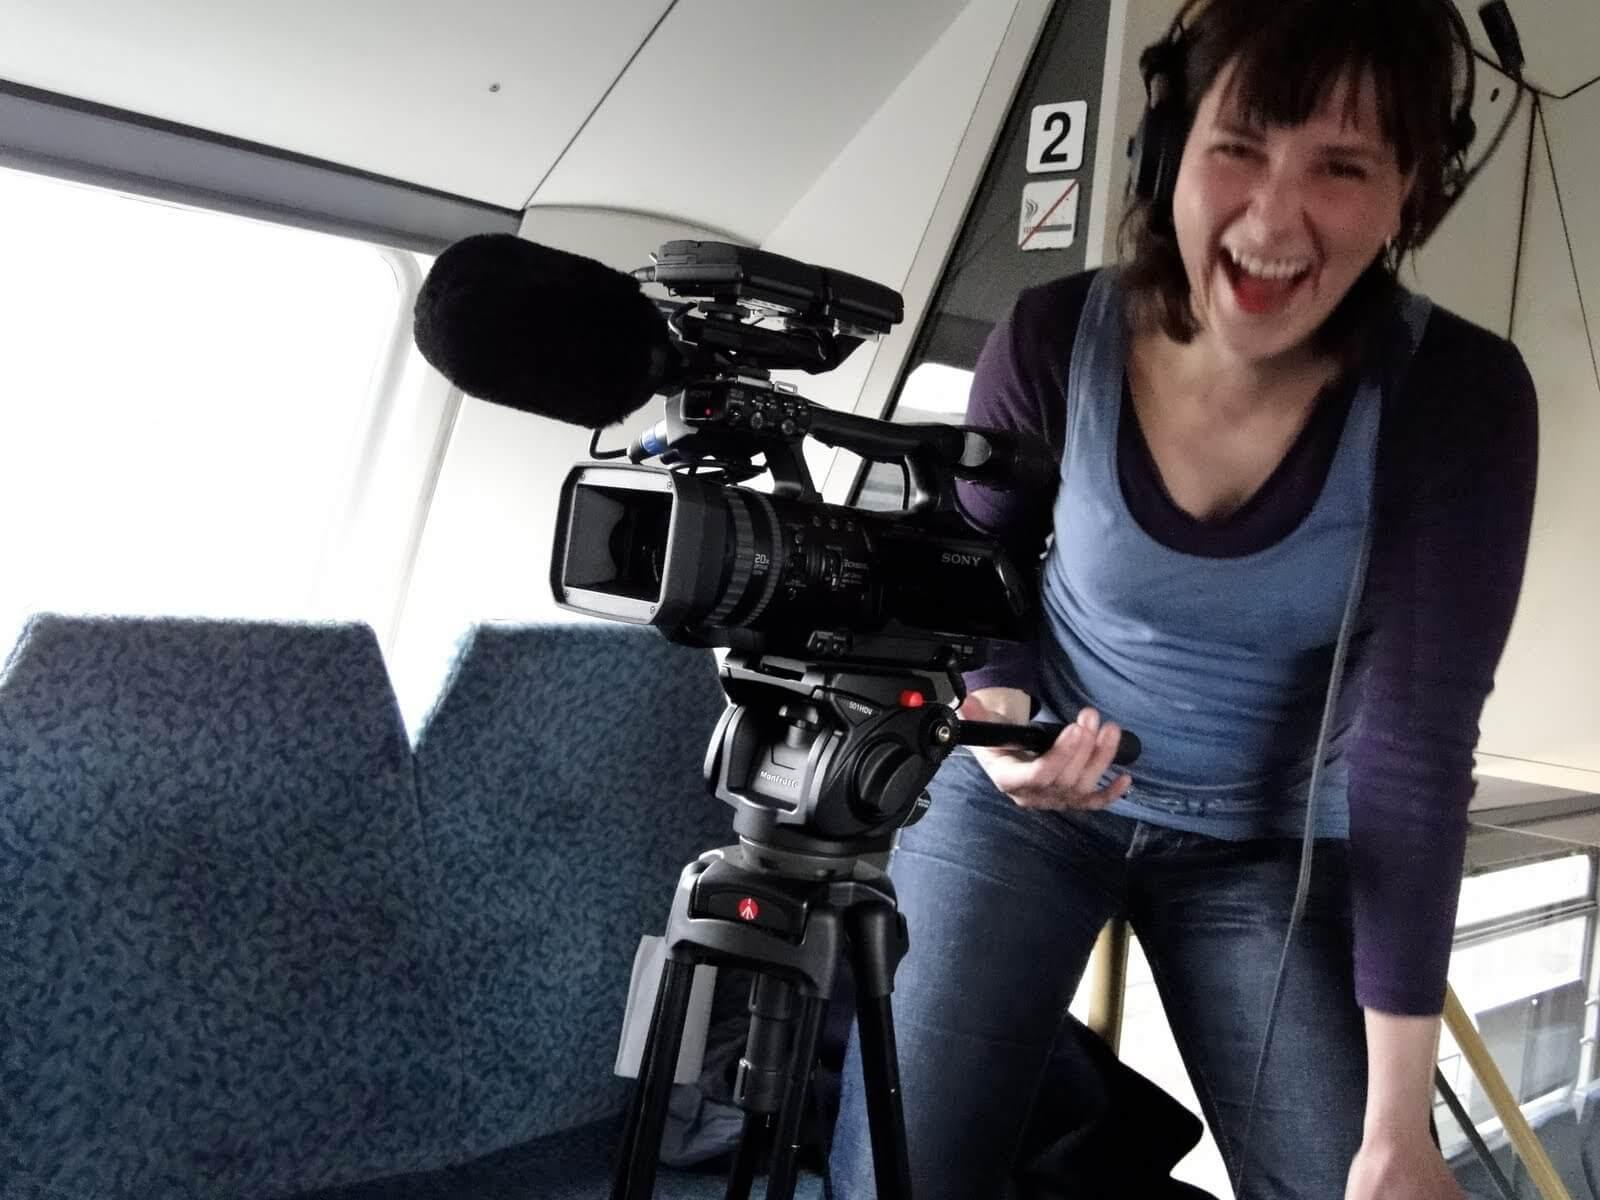 Ulrike Nagel dreht Video mit Kamera in einem Zug